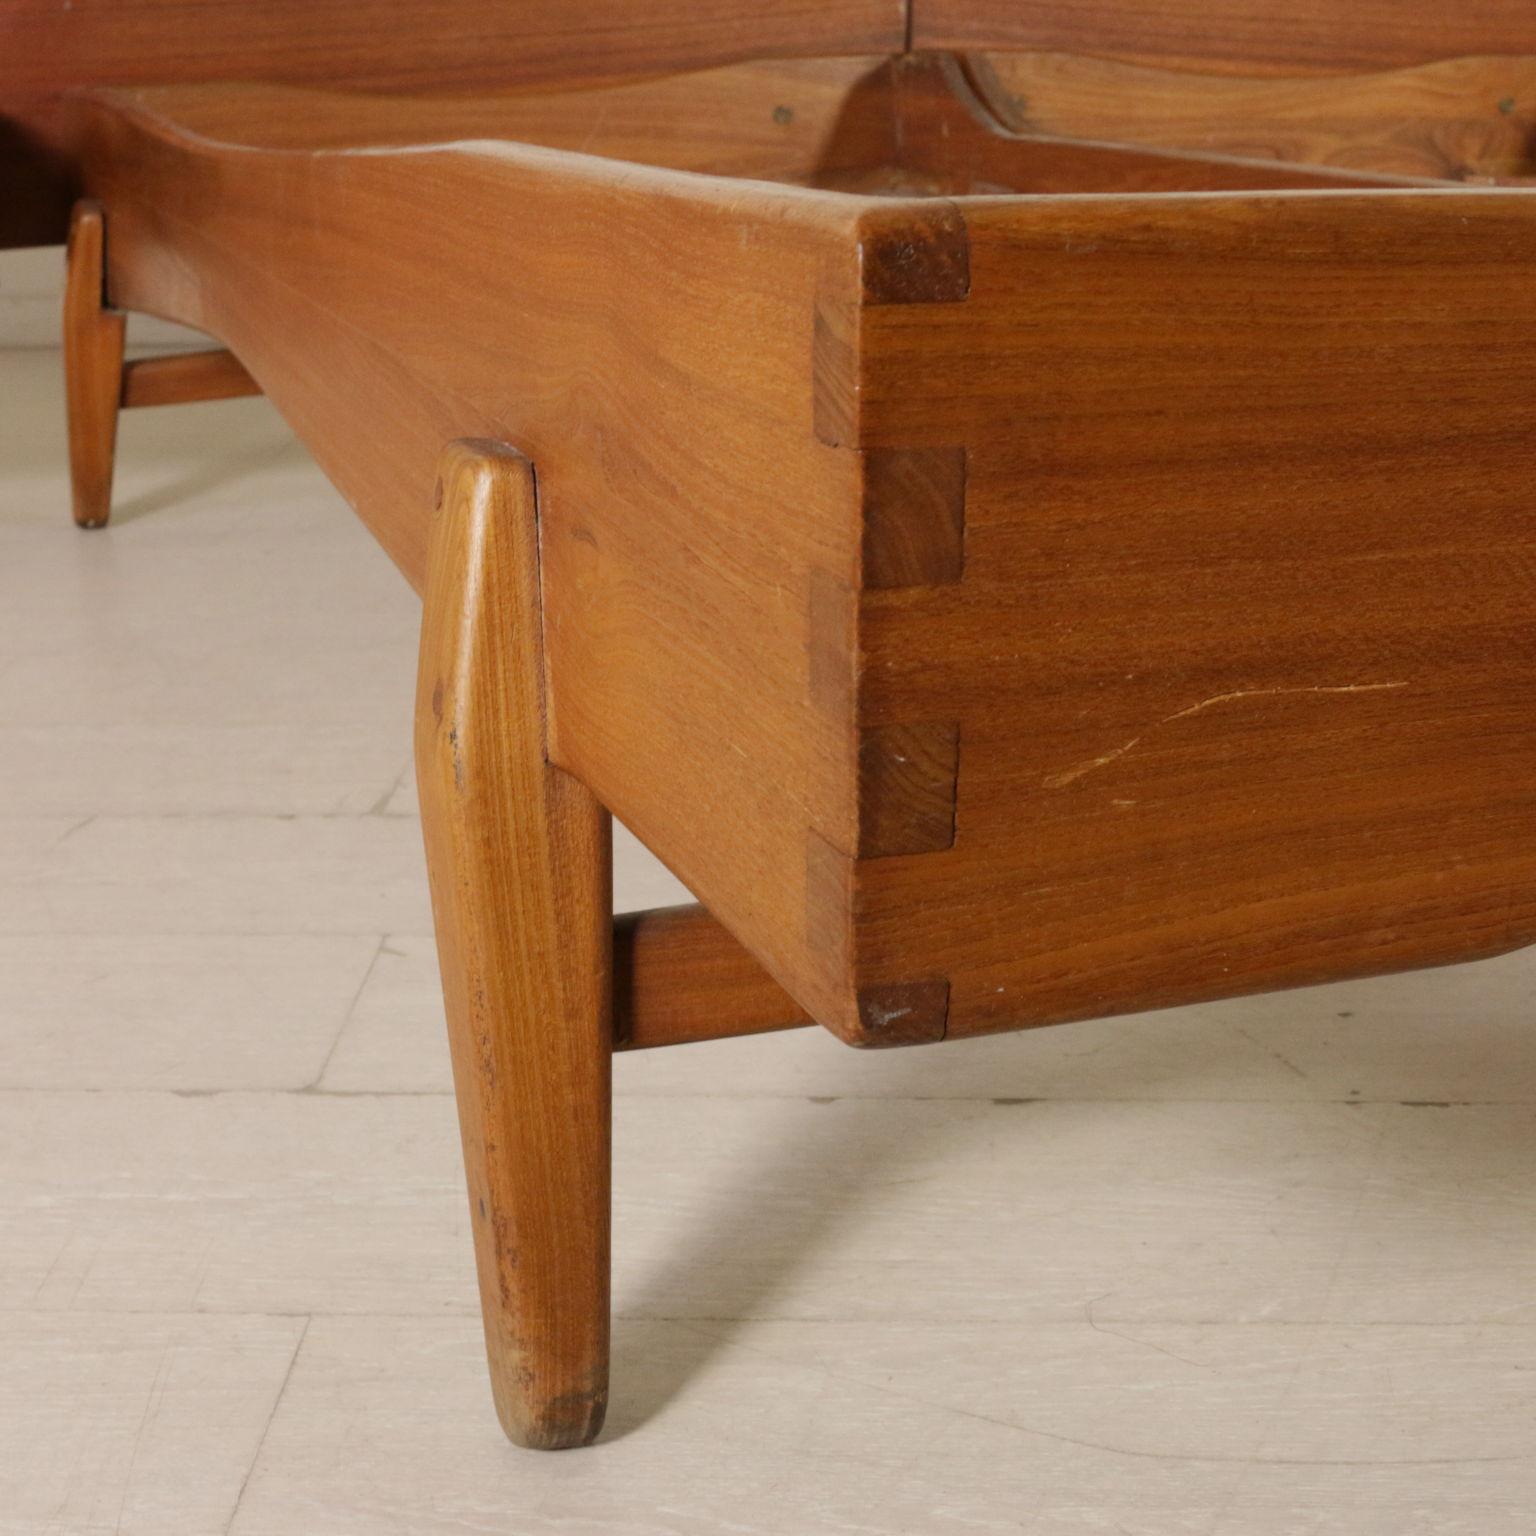 Bett 60er Jahre - Einrichtungsgegenstände - Modernes design ...